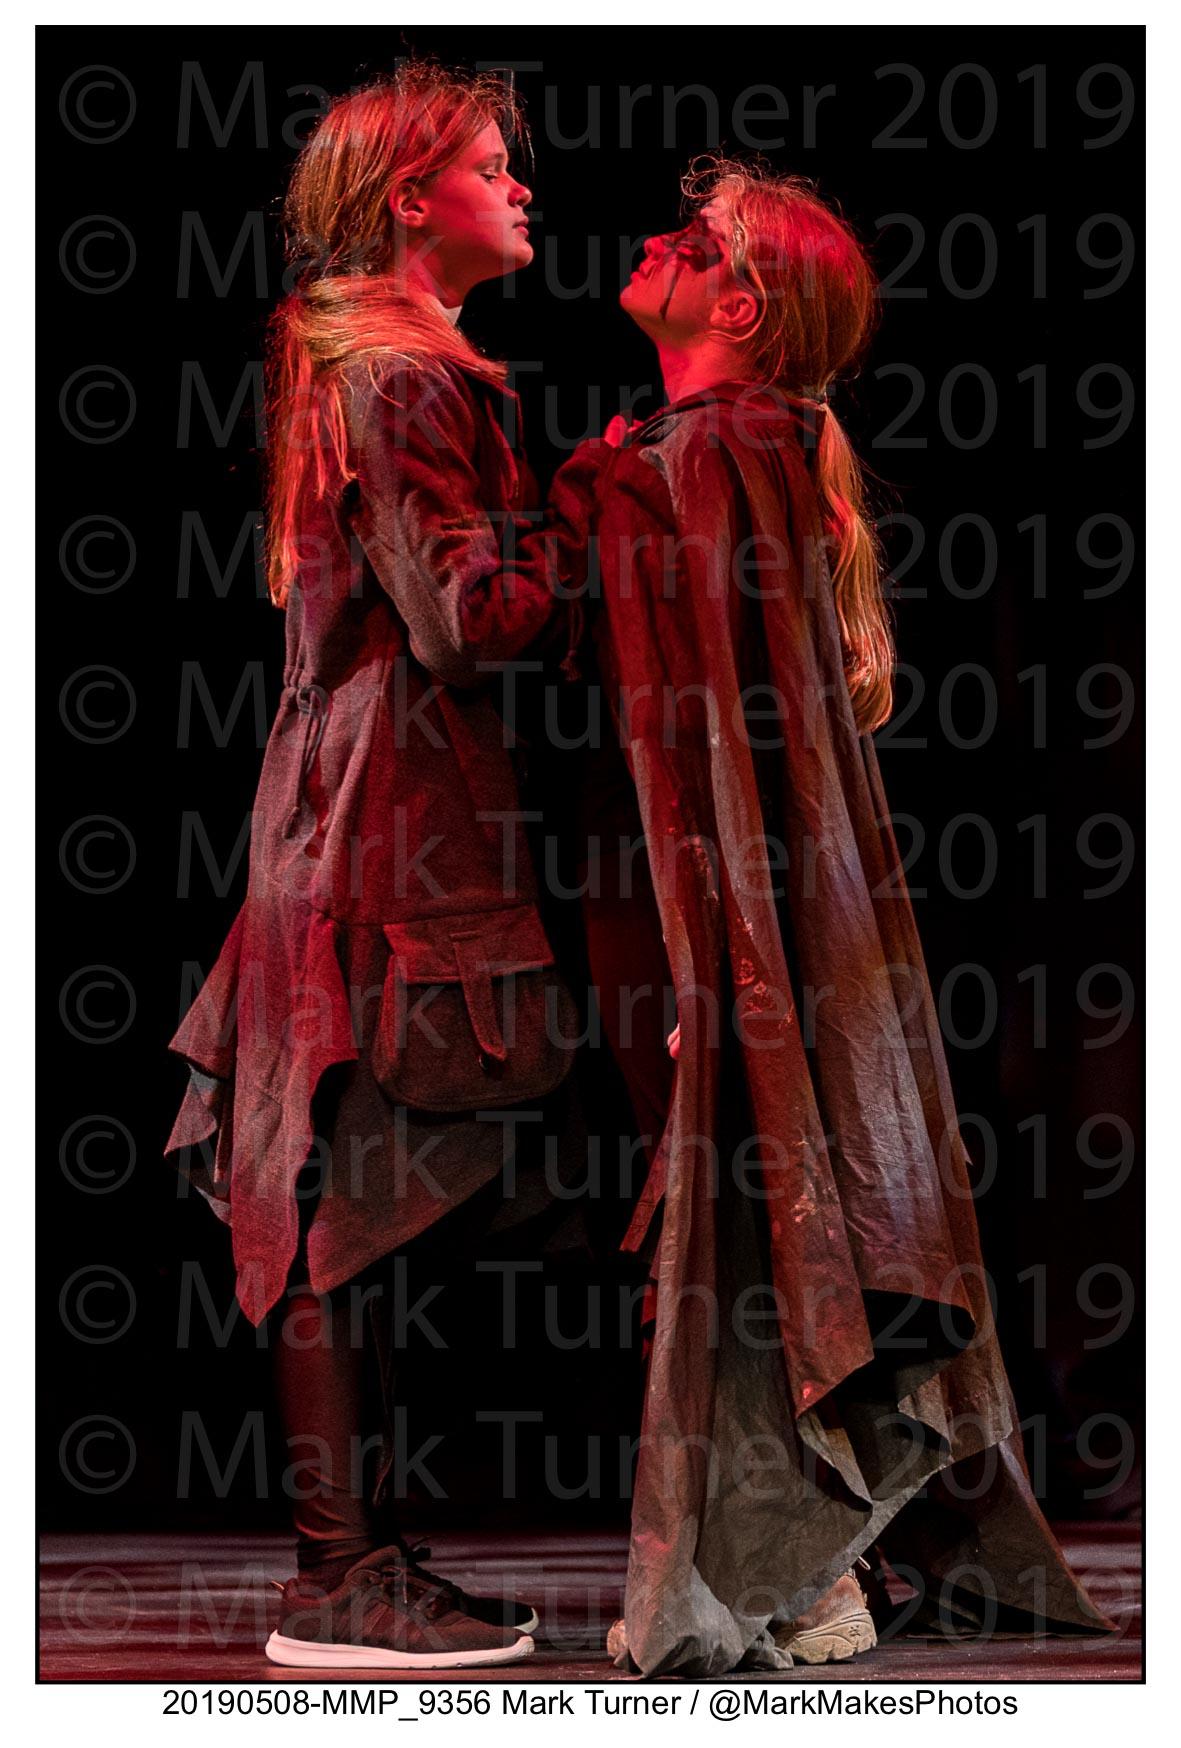 EpsomCollege-Macbeth-006.jpg